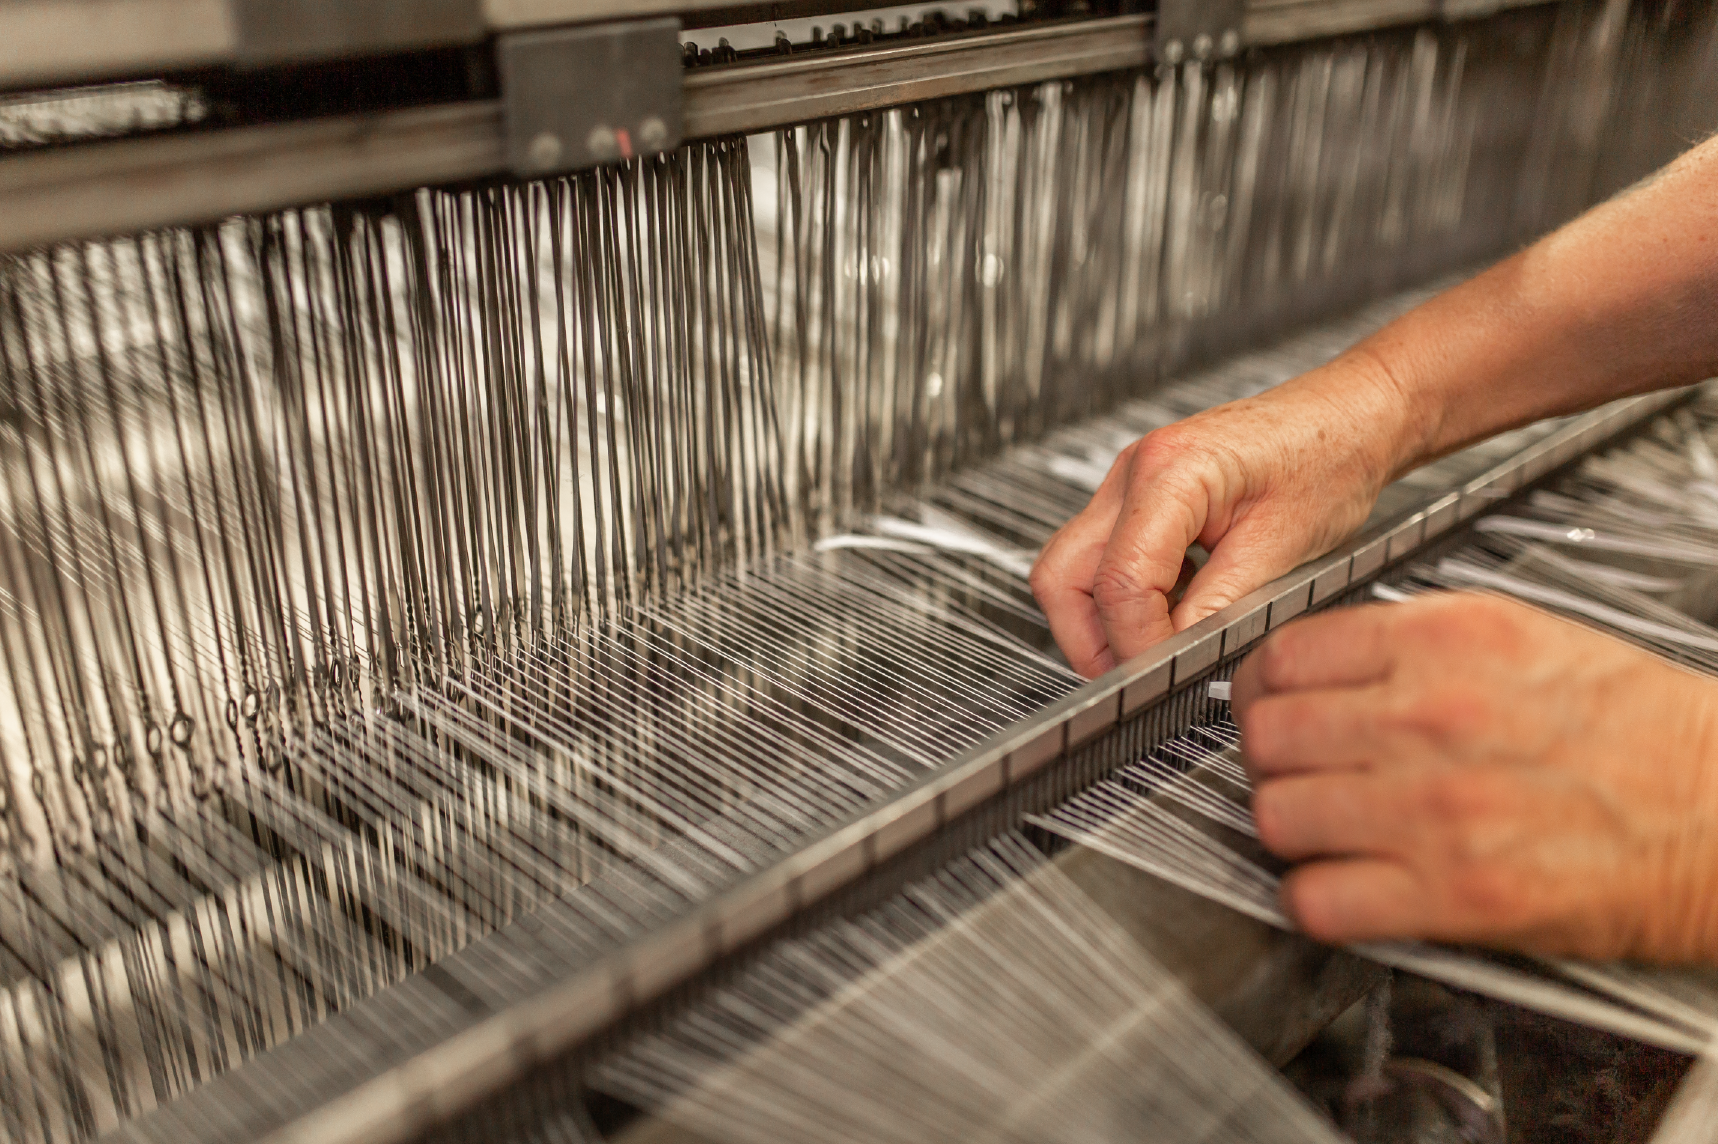 Start up weaving process